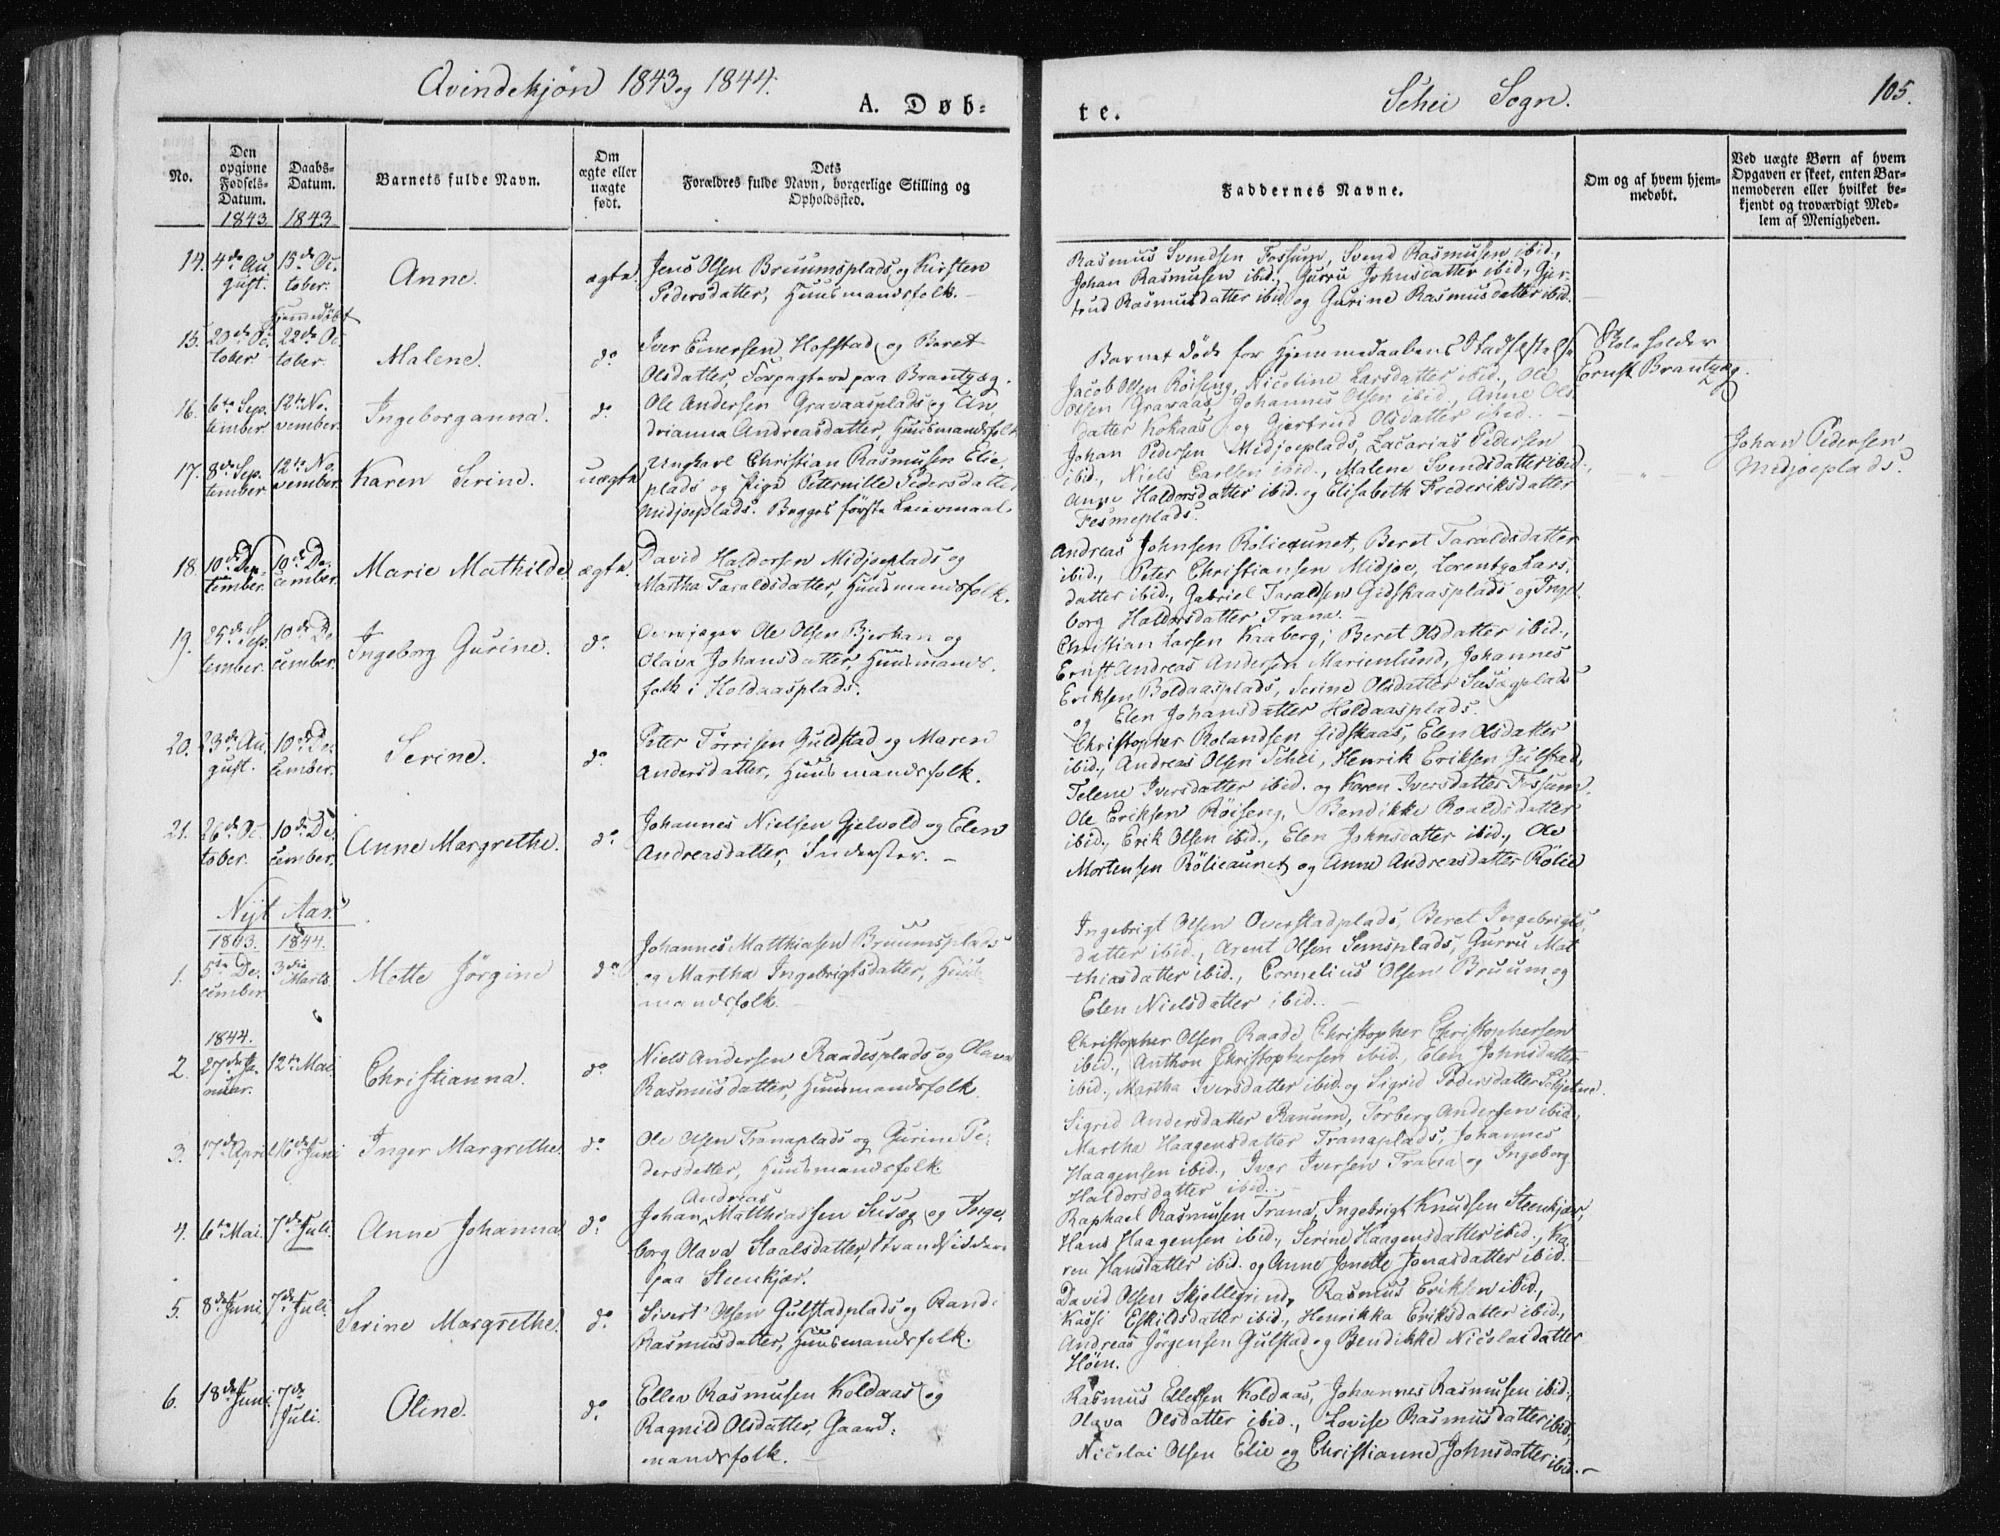 SAT, Ministerialprotokoller, klokkerbøker og fødselsregistre - Nord-Trøndelag, 735/L0339: Ministerialbok nr. 735A06 /2, 1836-1848, s. 105